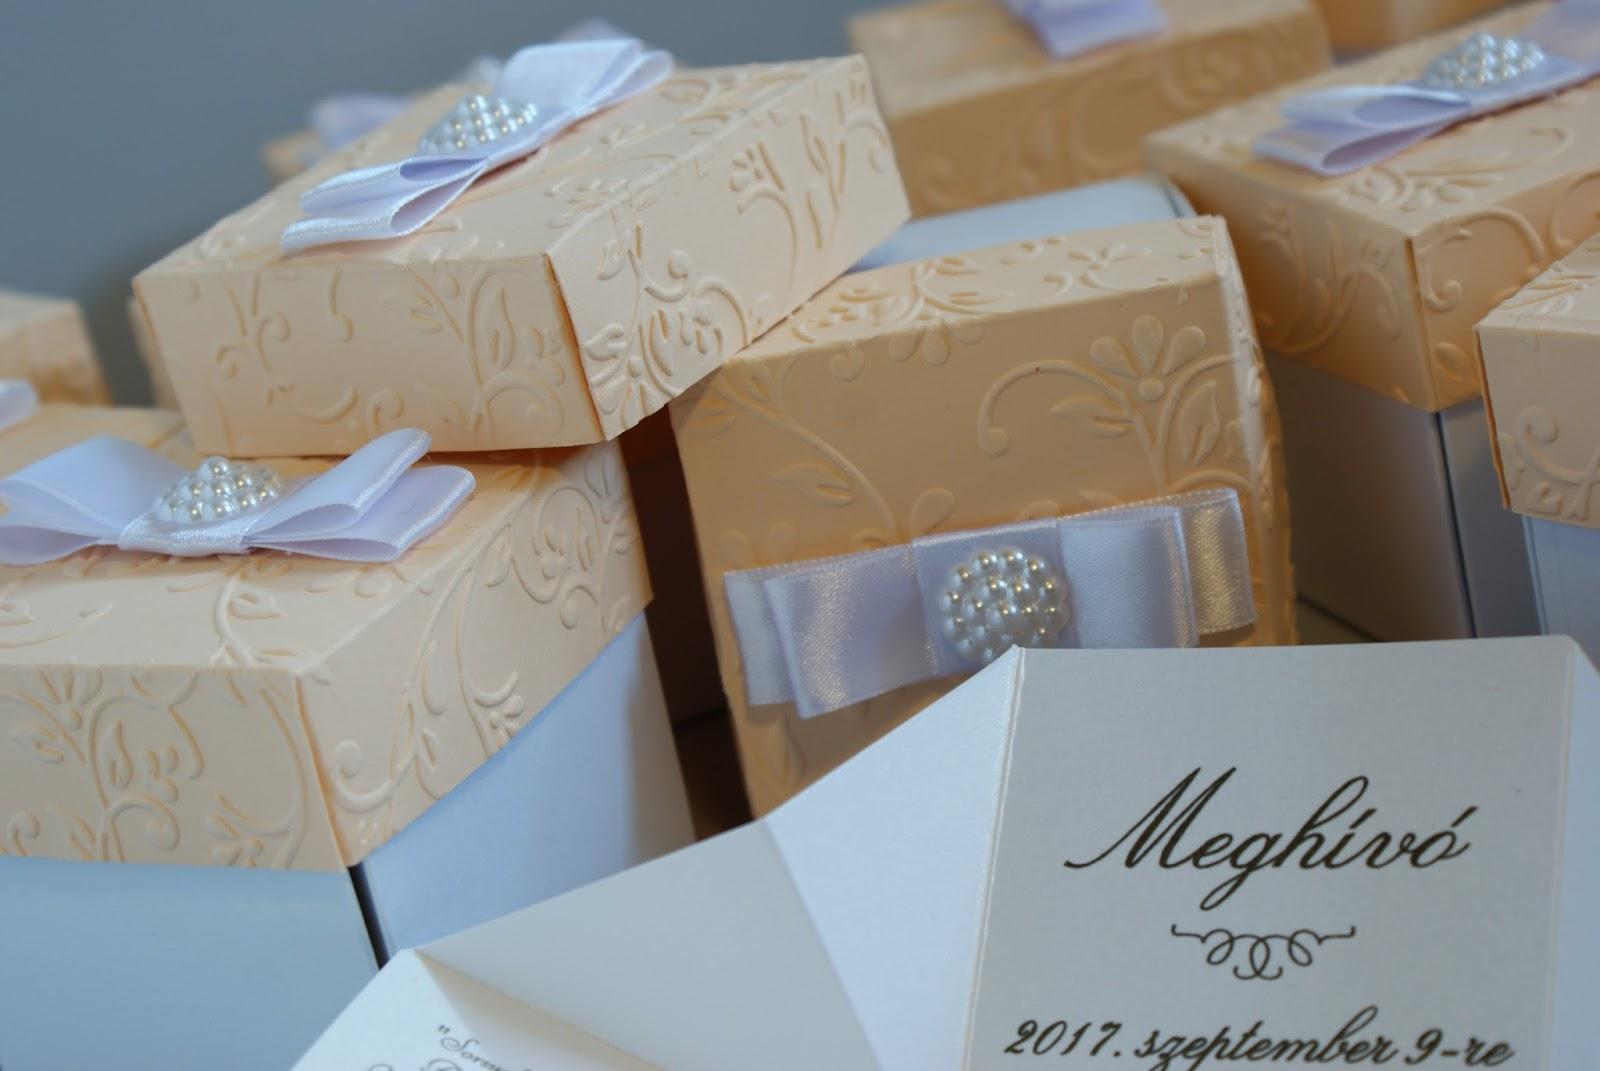 b97ab99f12 Amaltheia Manufaktúra esküvői dekorációk: Különleges esküvői meghívók